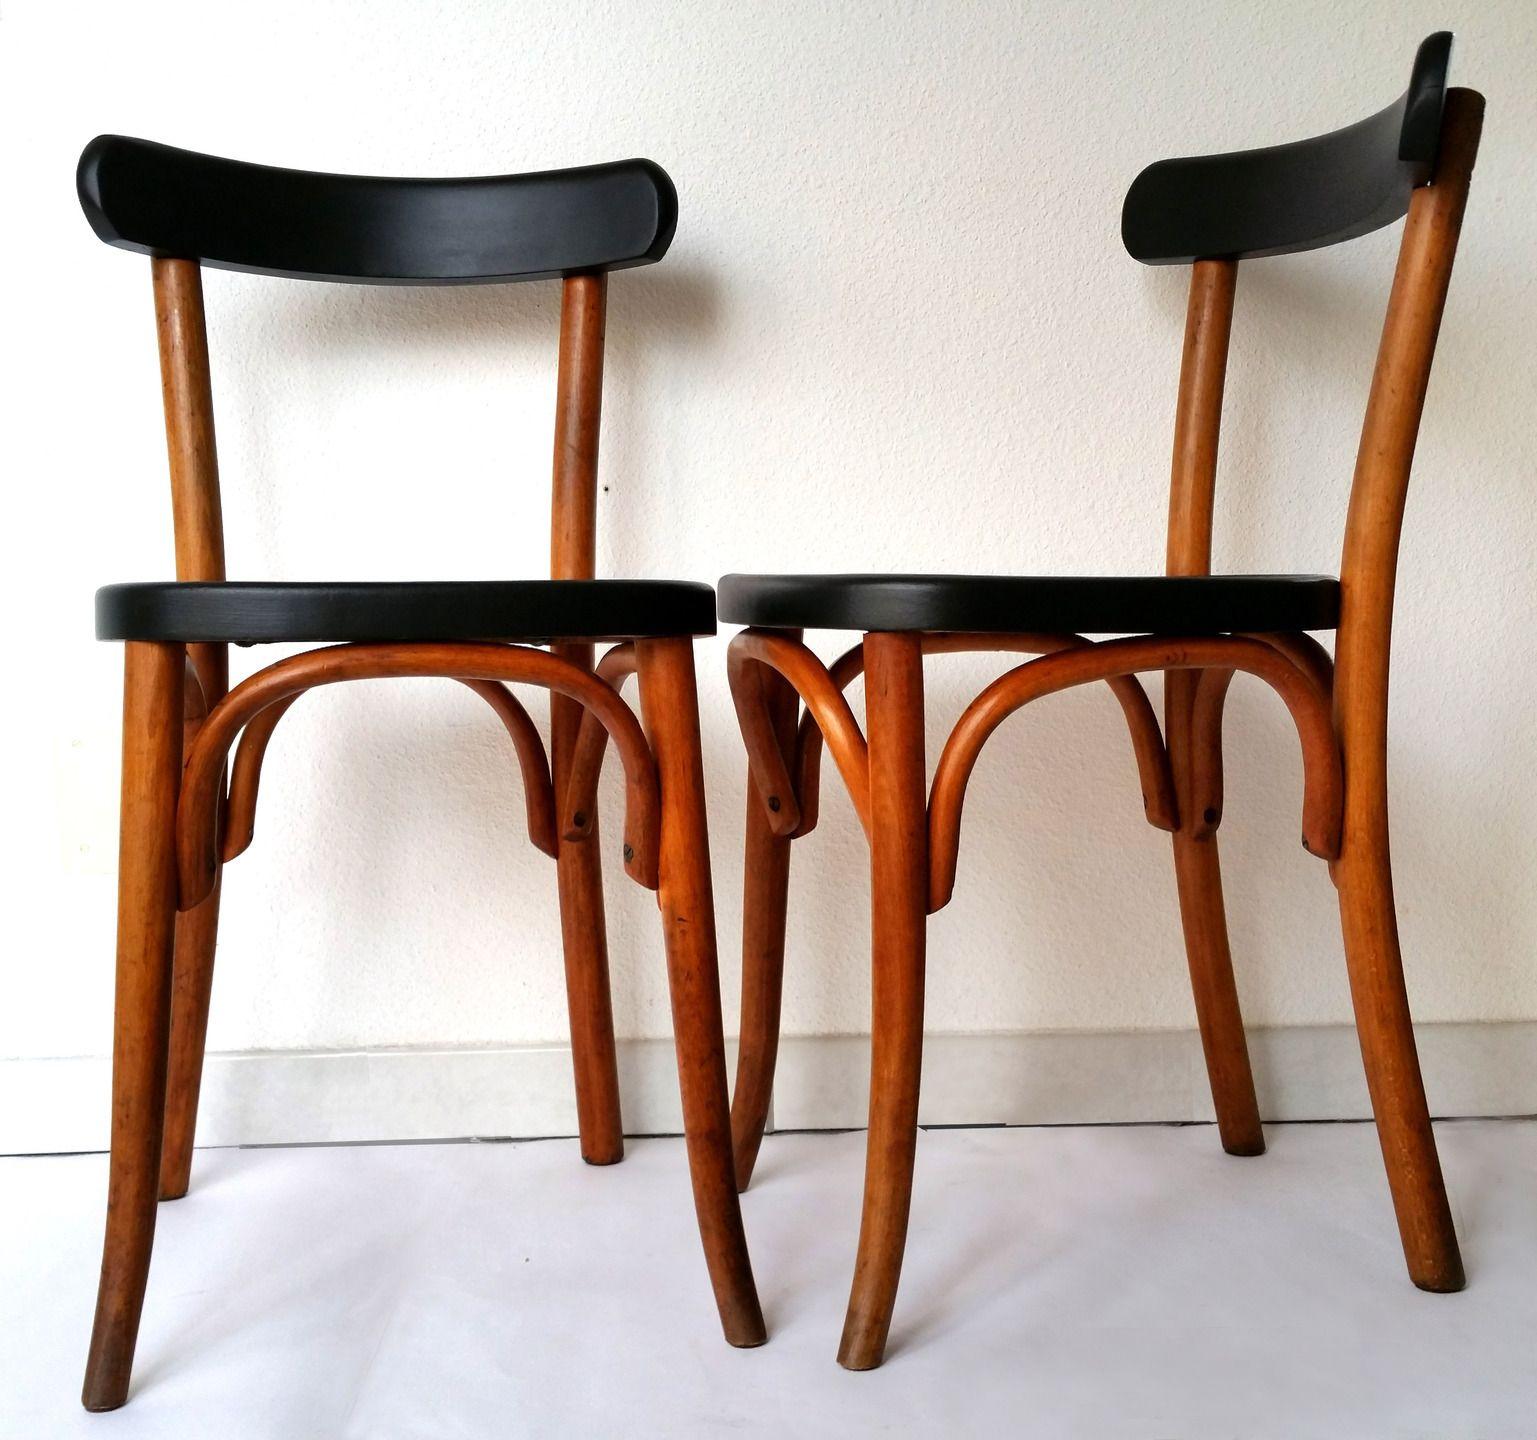 Fauteuil bureau style bistro Baumann années 50 bois